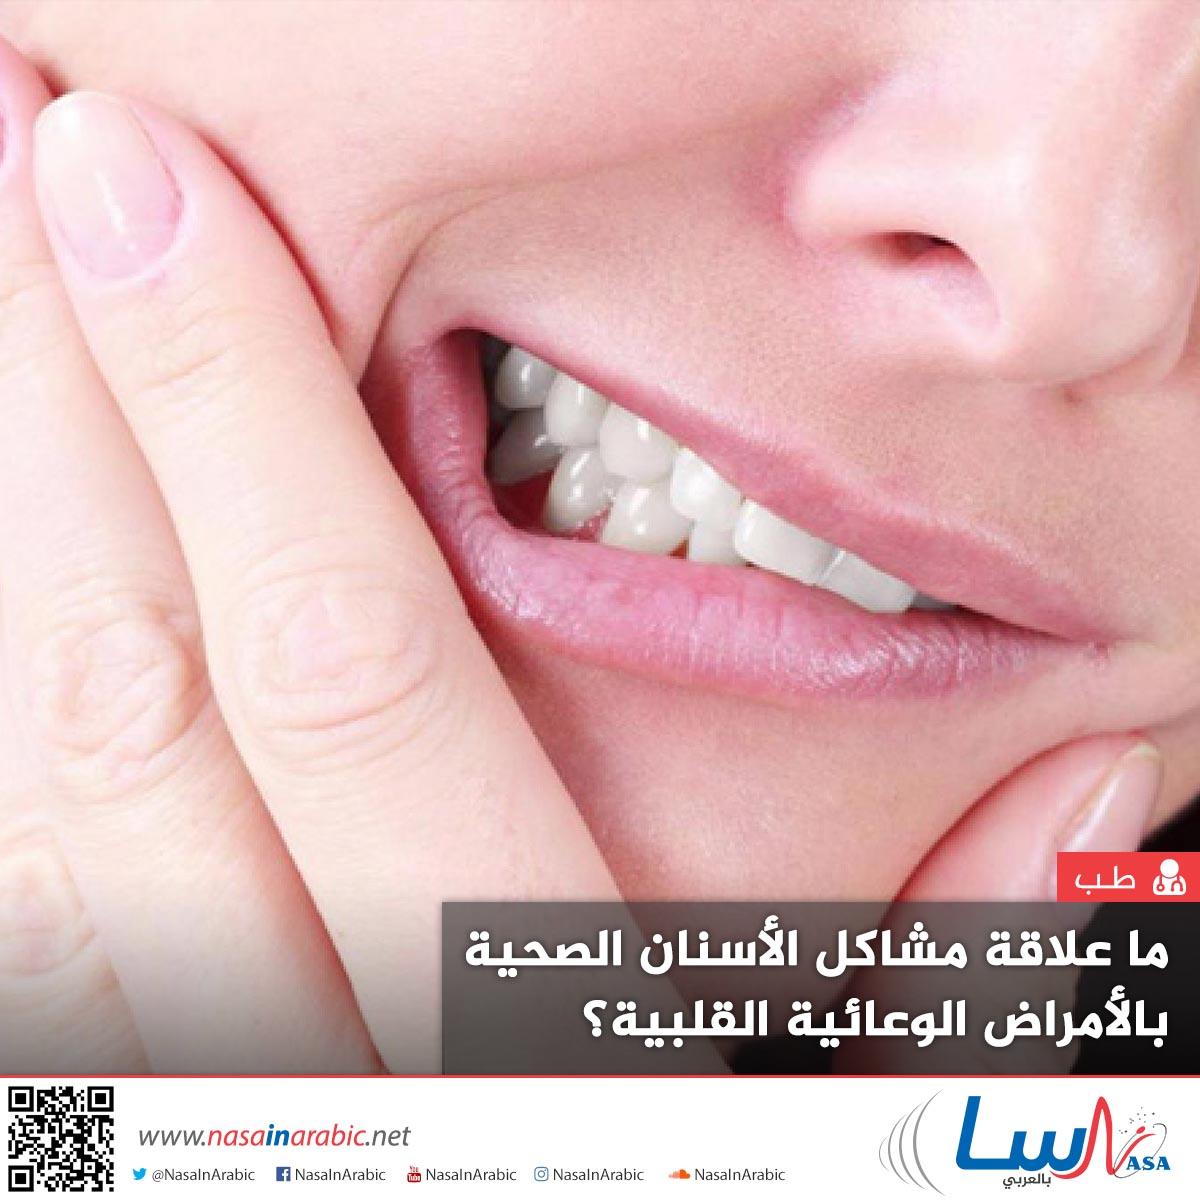 ما علاقة مشاكل الأسنان الصحية بالأمراض الوعائية القلبية؟